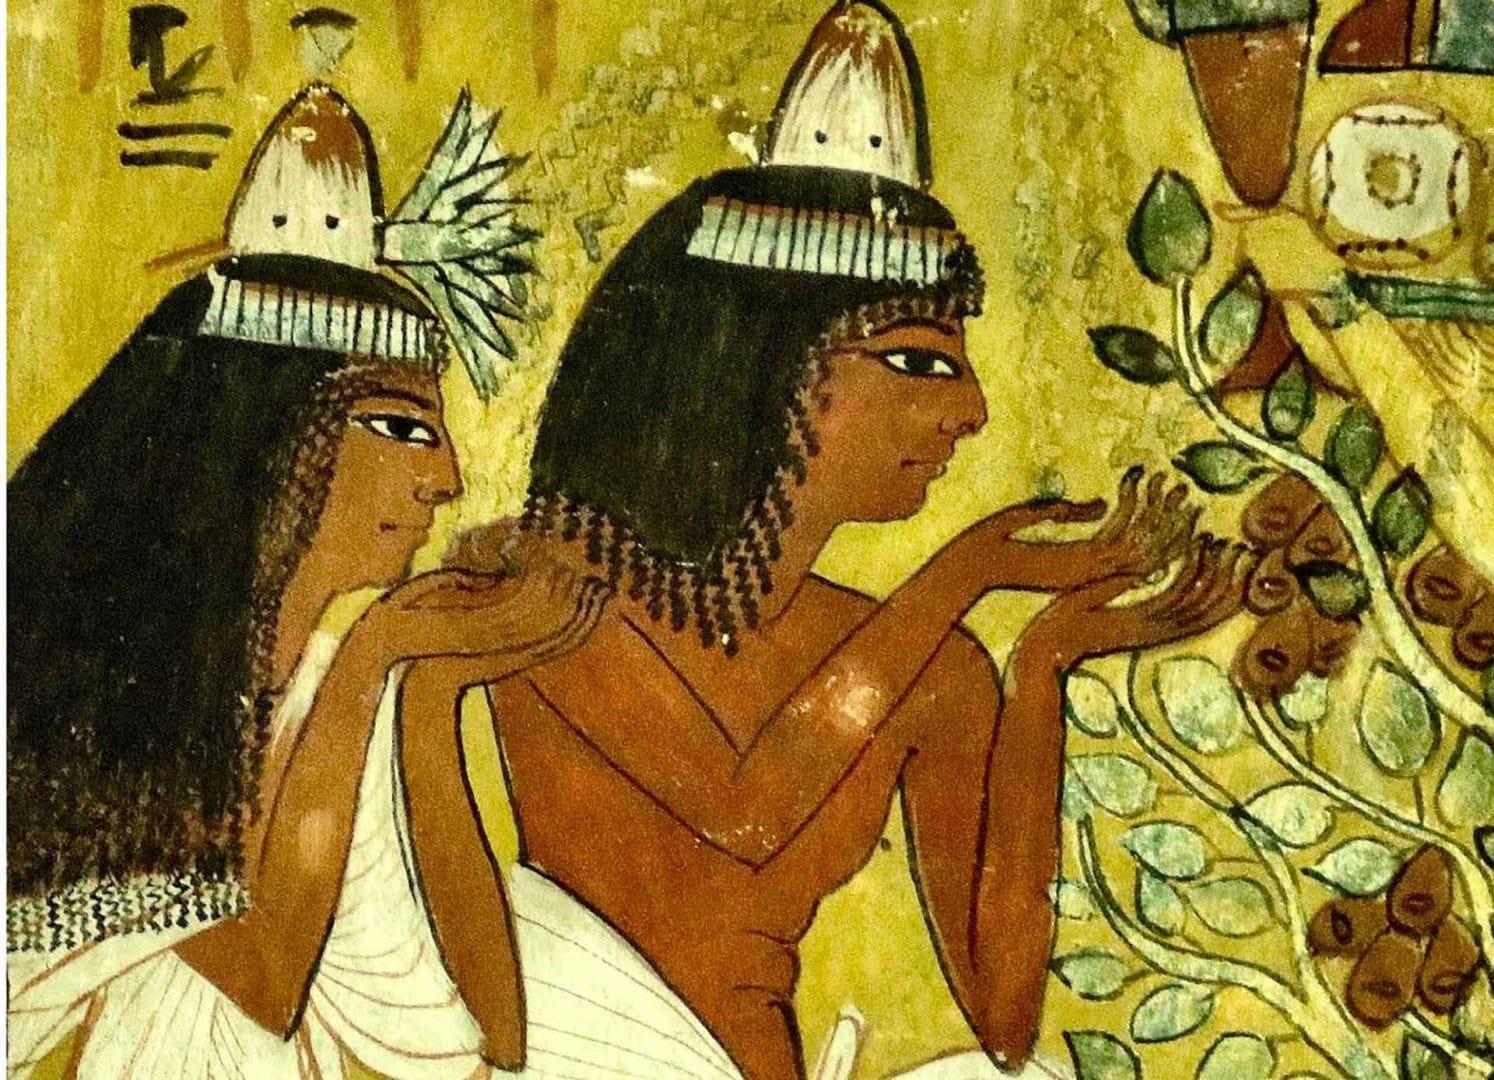 Le Caire et Croisière sur le Nil et Abou Simbel